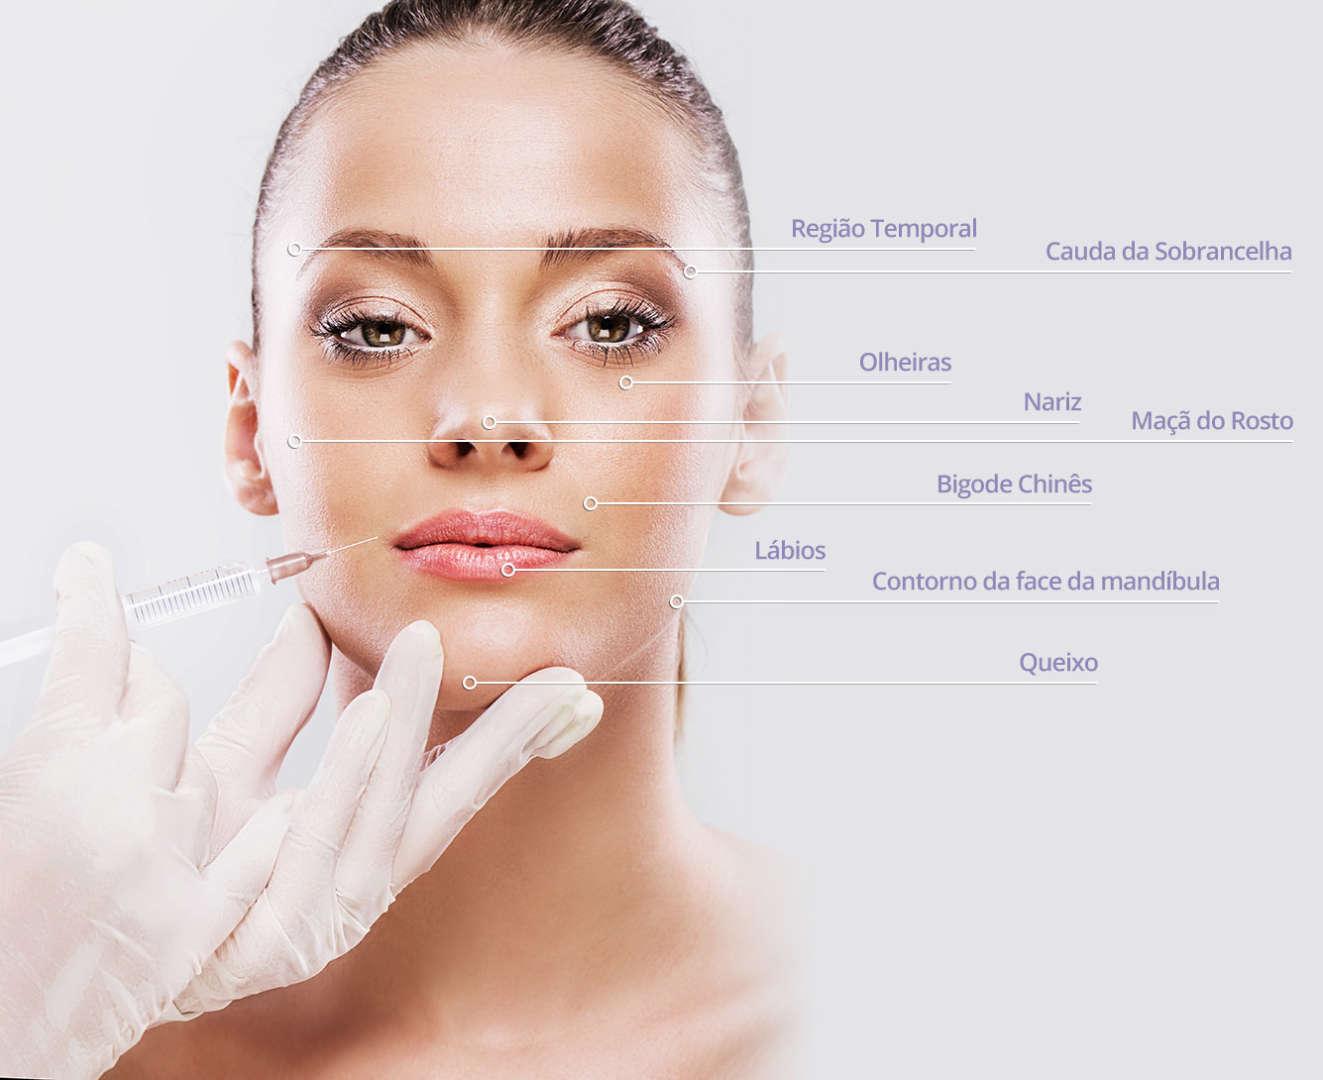 Harmonização facial no preenchimento com ácido hialurônico